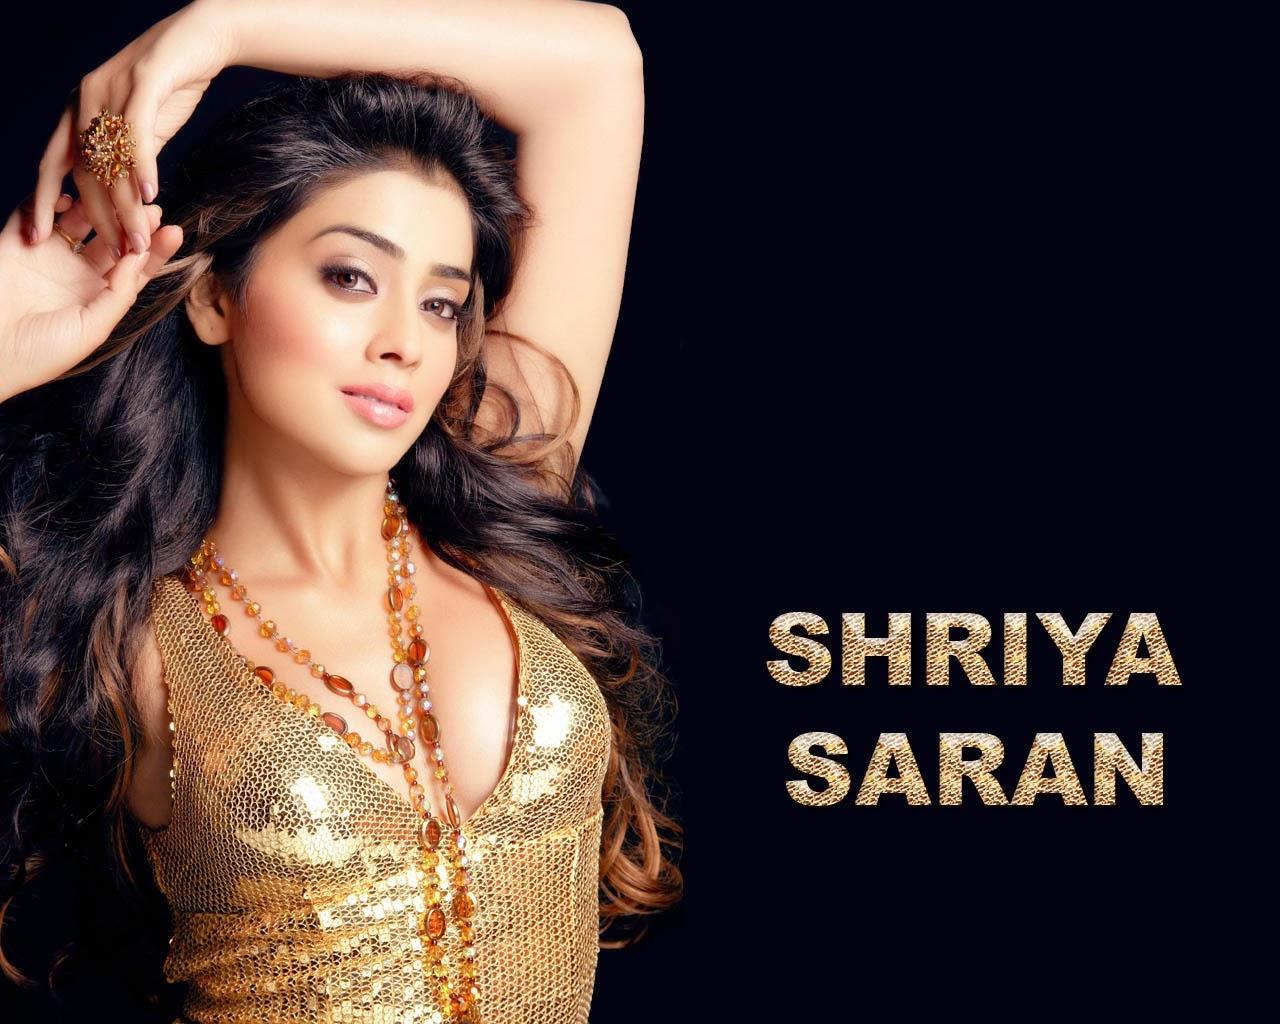 shriya saran wallpapers free download   indian hd wallpaper free